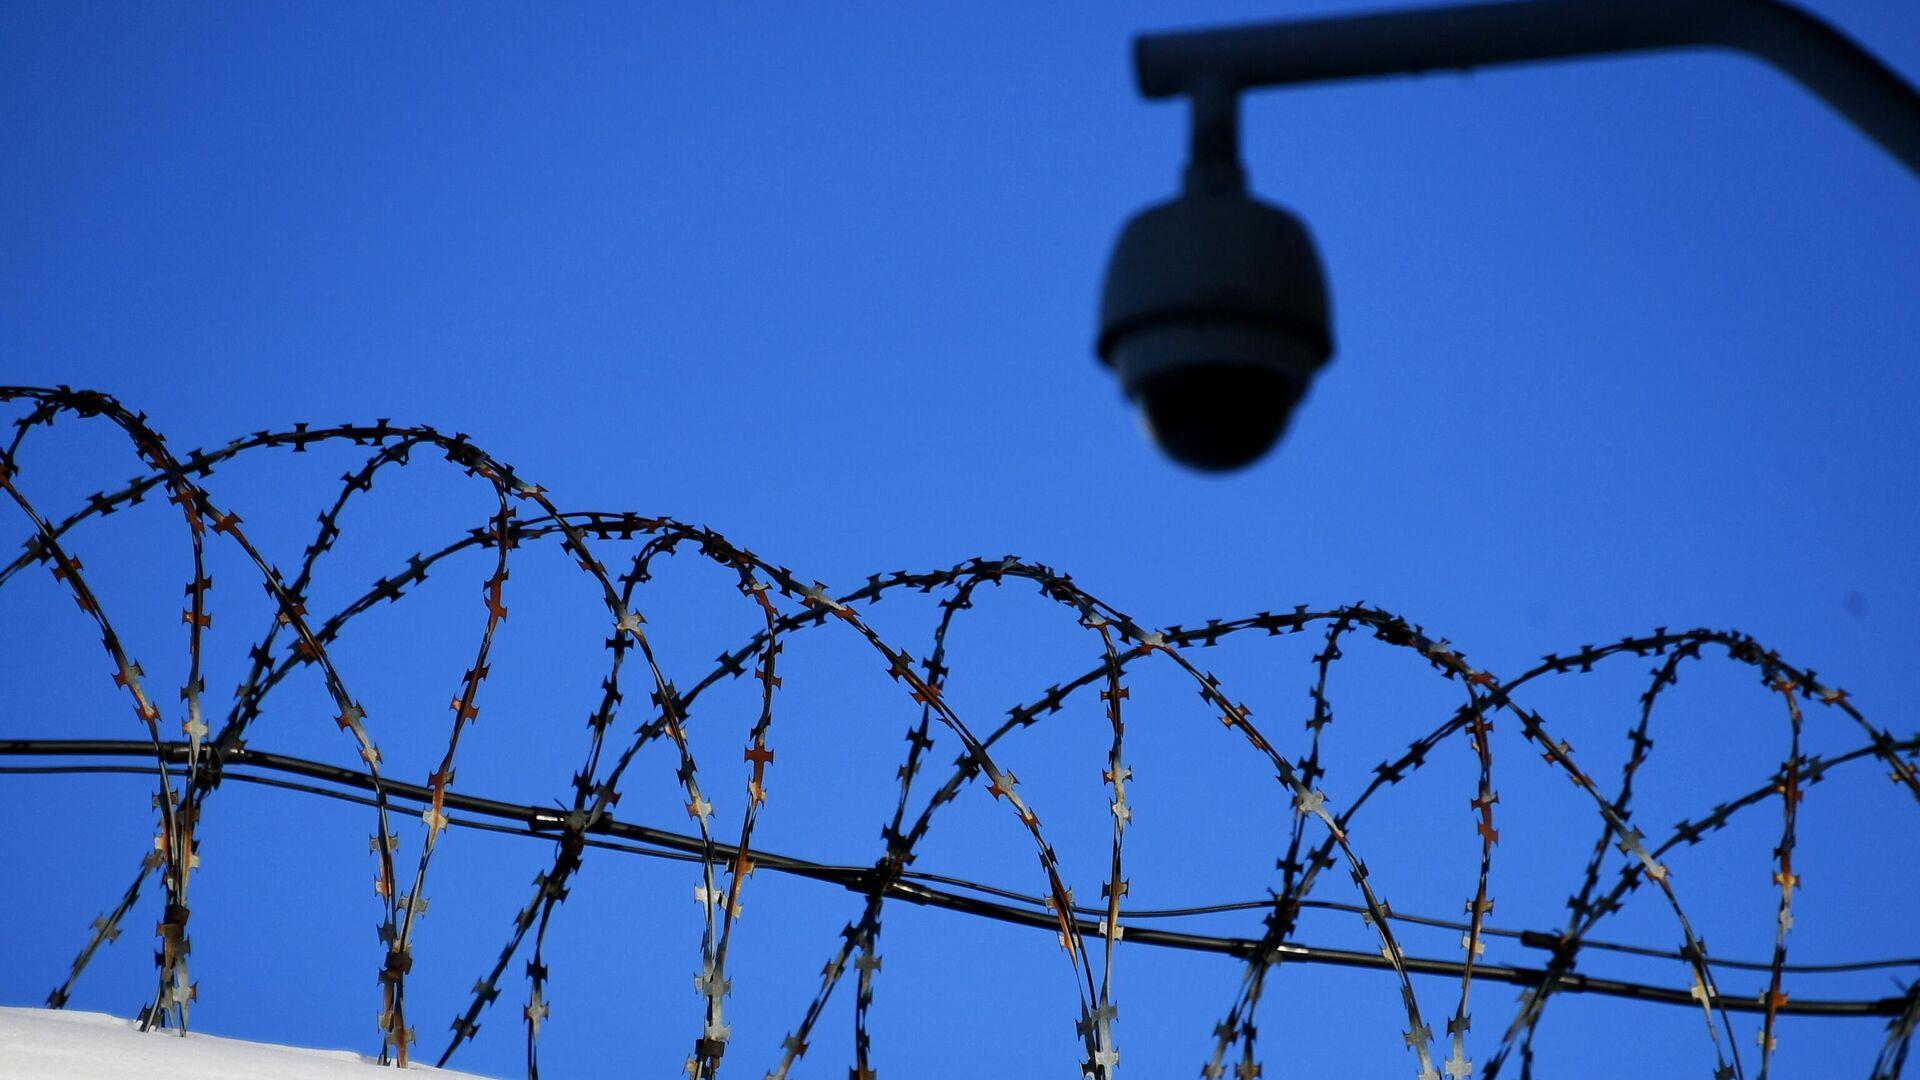 В Новосибирске завели дело на полицейского за пытку шокером